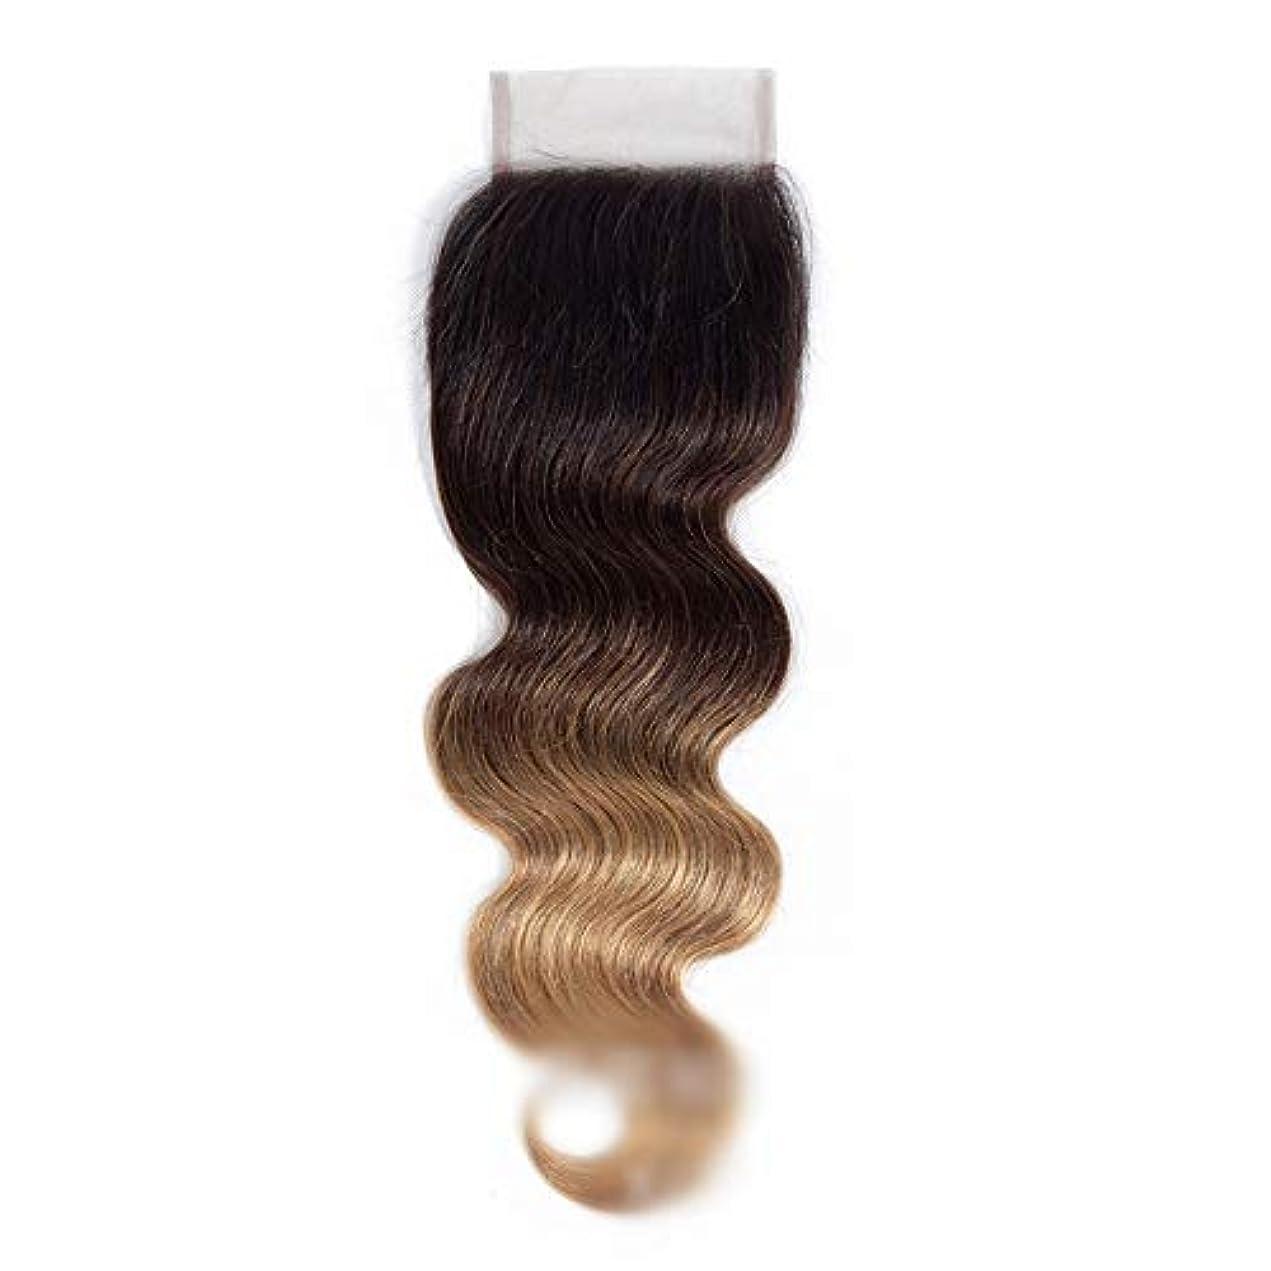 応援する家芽YESONEEP ブラジルの実体波人間の髪の毛の耳に4 * 4レース前頭閉鎖1B / 4/27 3トーンカラーブラウンウィッグロングストレートウィッグ (色 : ブラウン, サイズ : 18 inch)